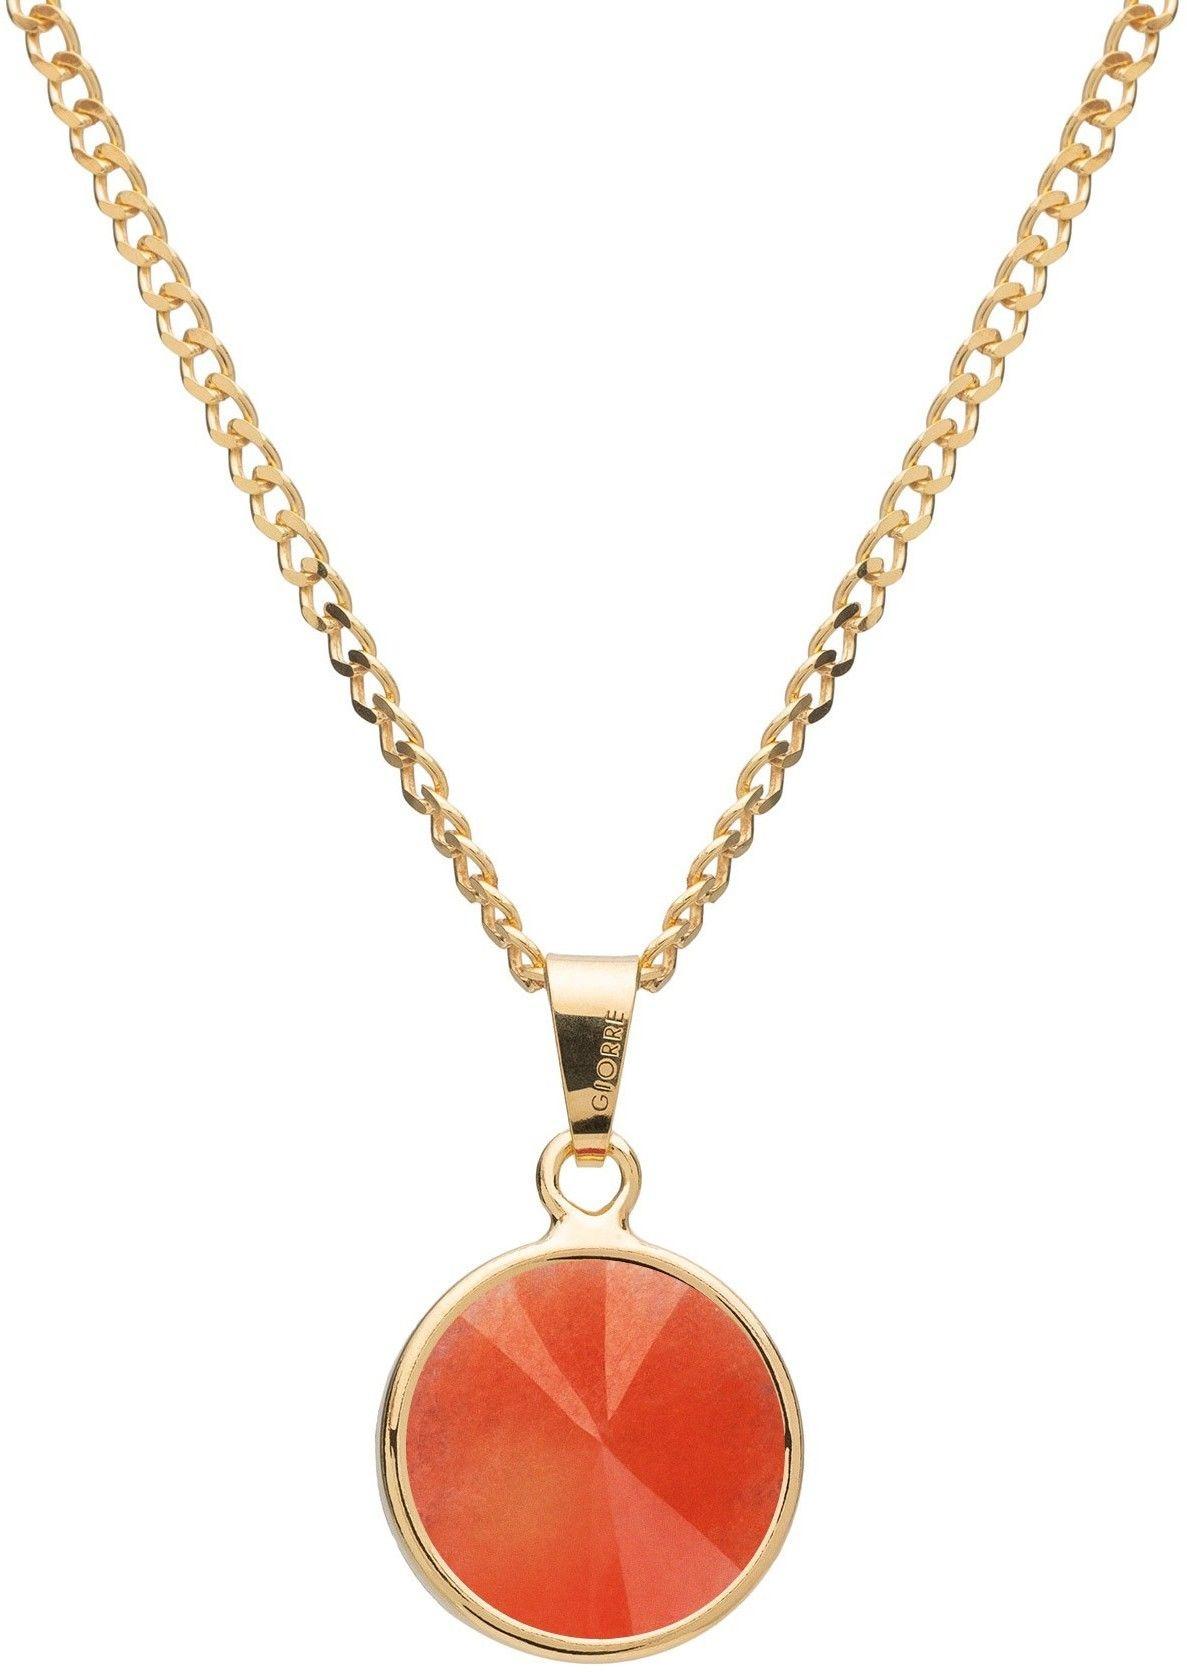 Srebrny naszyjnik z naturalnym kamieniem - jadeit, srebro 925 : Długość (cm) - 40 + 5 , Kamienie naturalne - kolor - jadeit pomarańczowy, Srebro - kolor pokrycia - Pokrycie żółtym 18K złotem